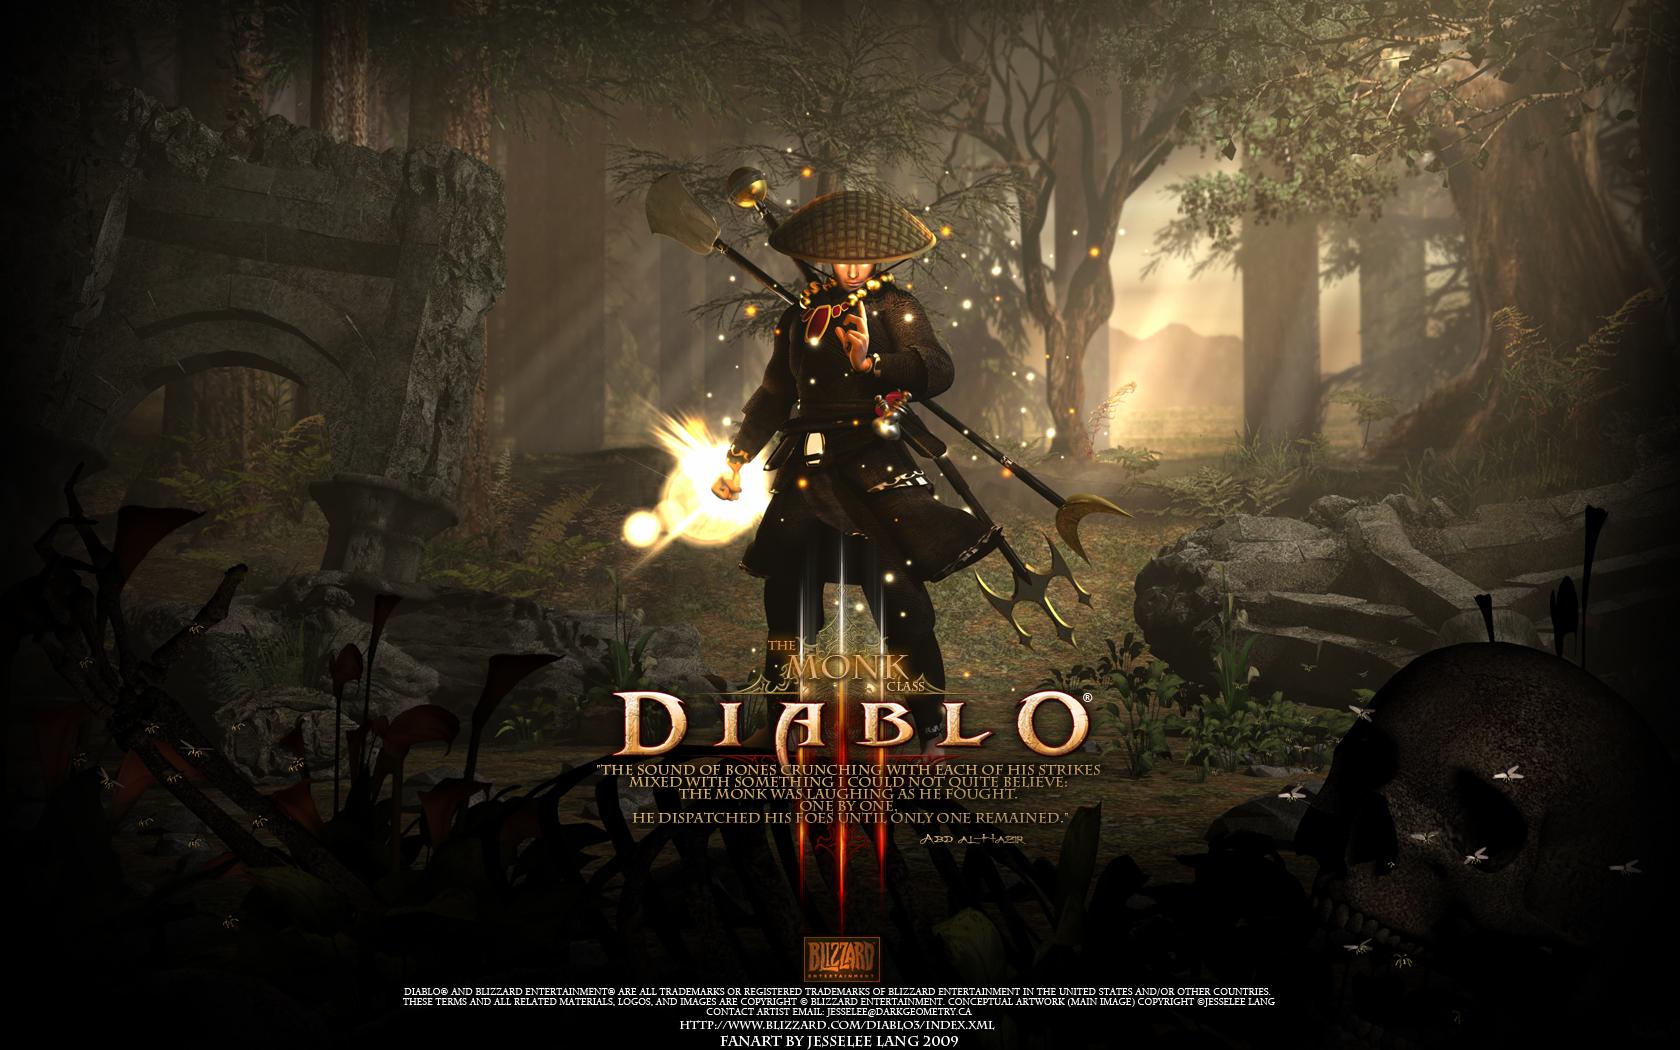 Diablo Wallpaper Kjpwg Full Hd P Diablo Wallpapers Hd Desktop